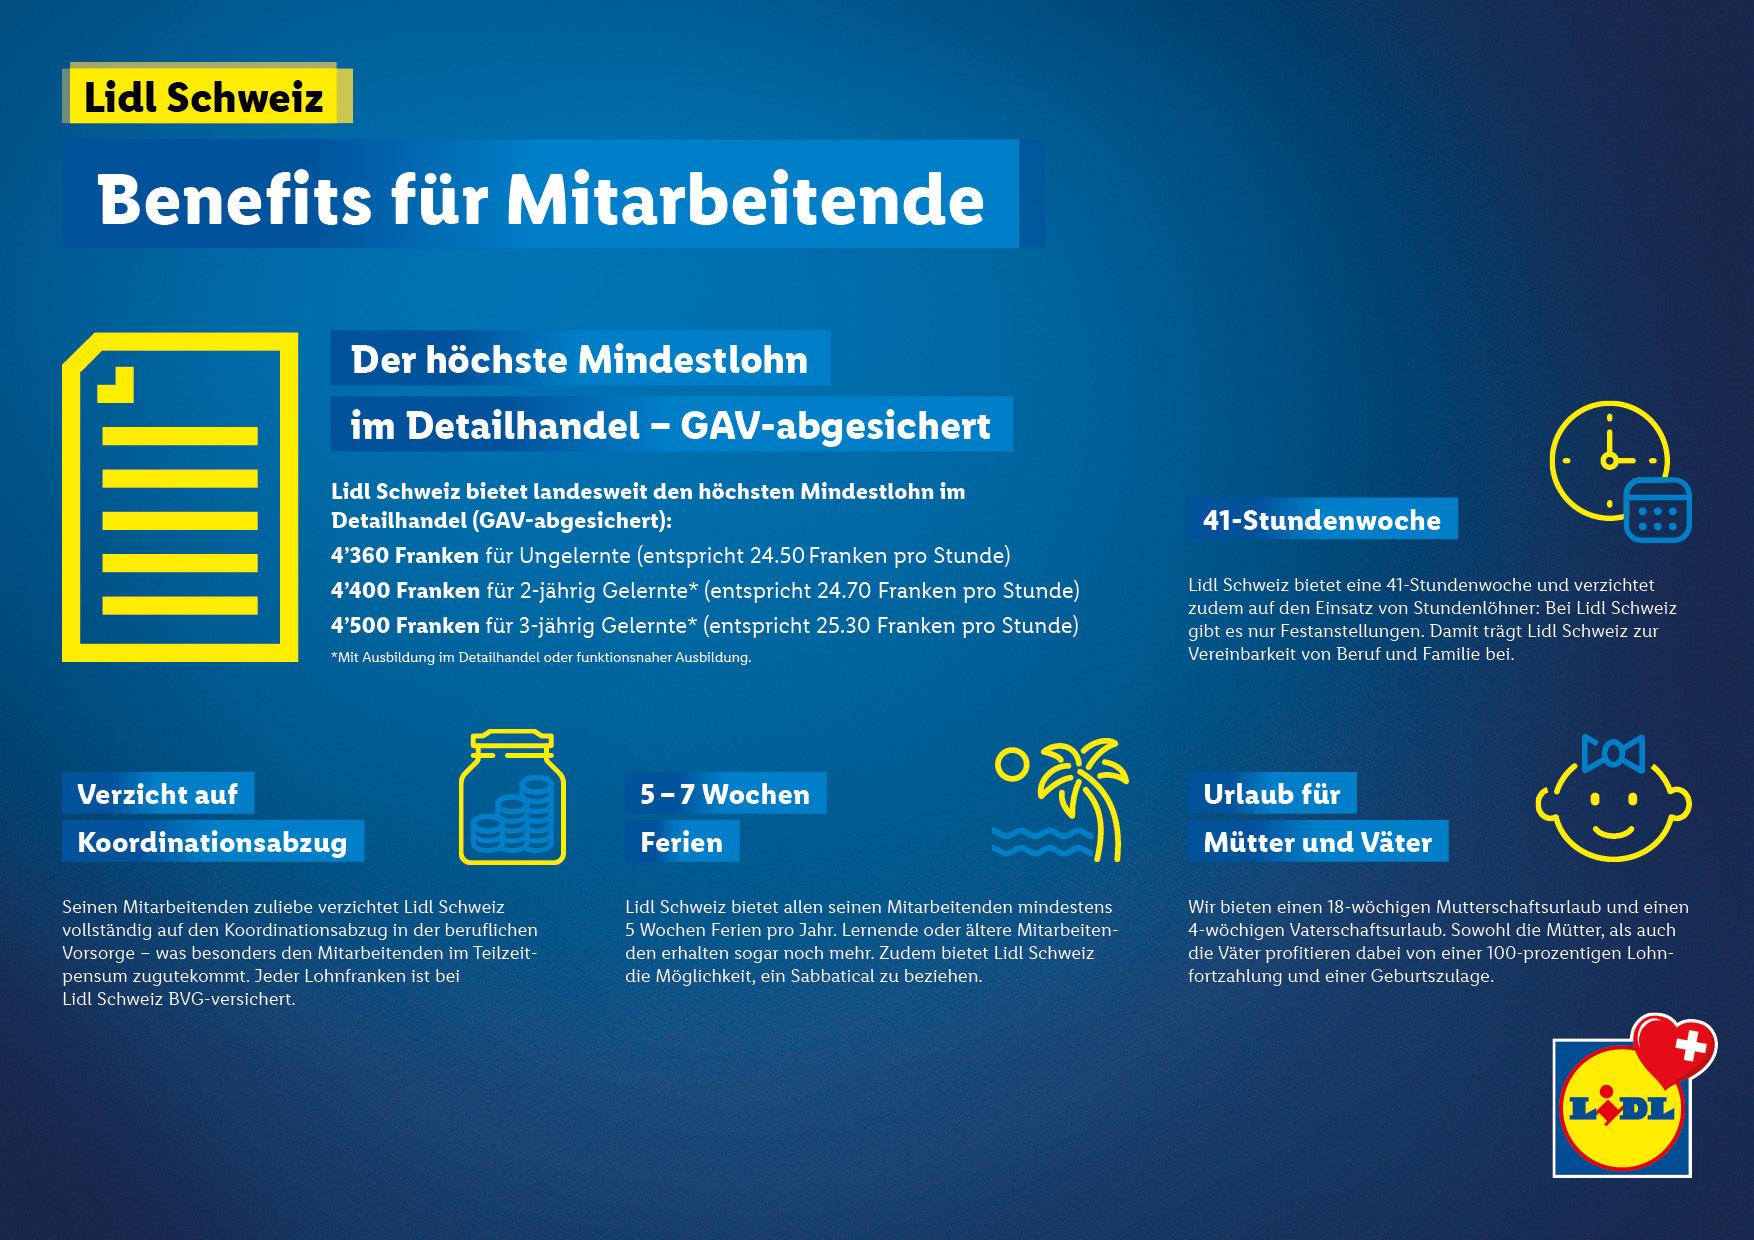 20210207_Lidl Schweiz_Übersicht Lohnbestandteile